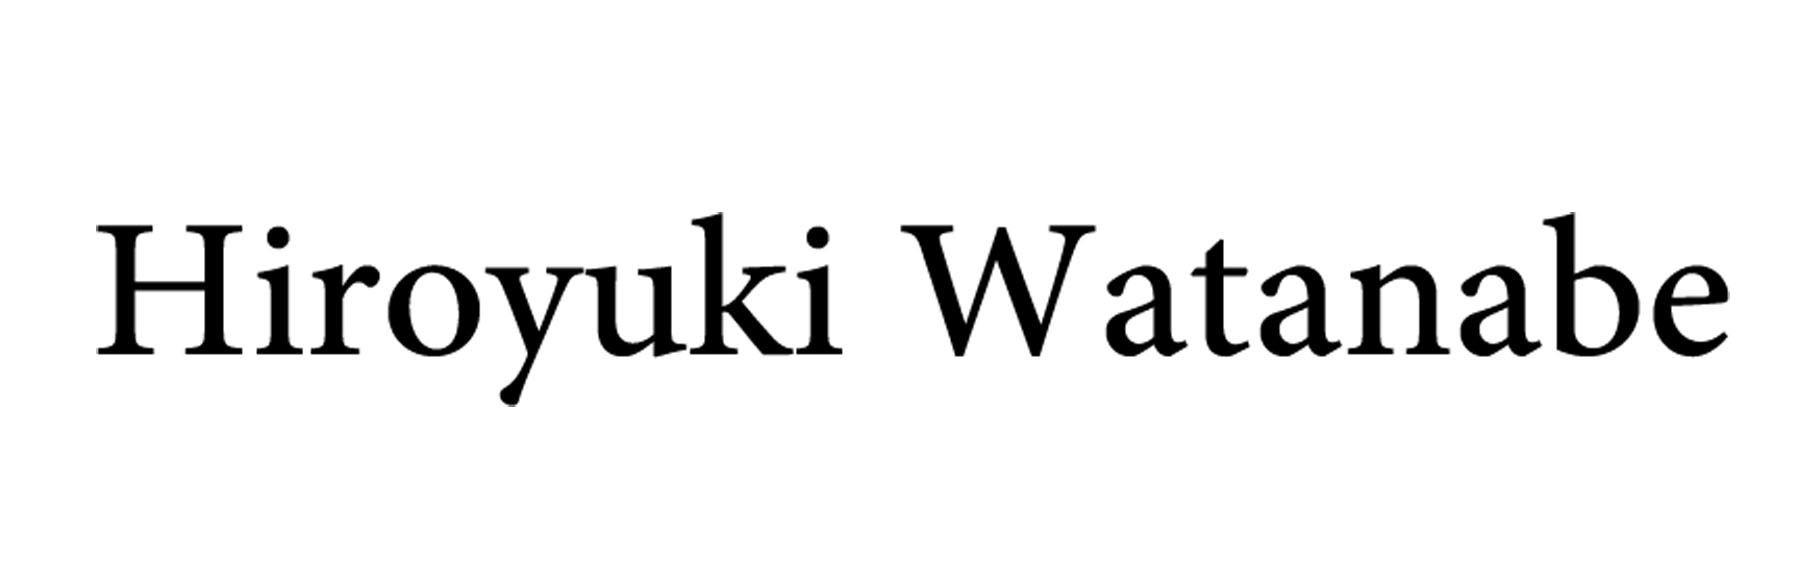 hiroyukiwatanabe  online store